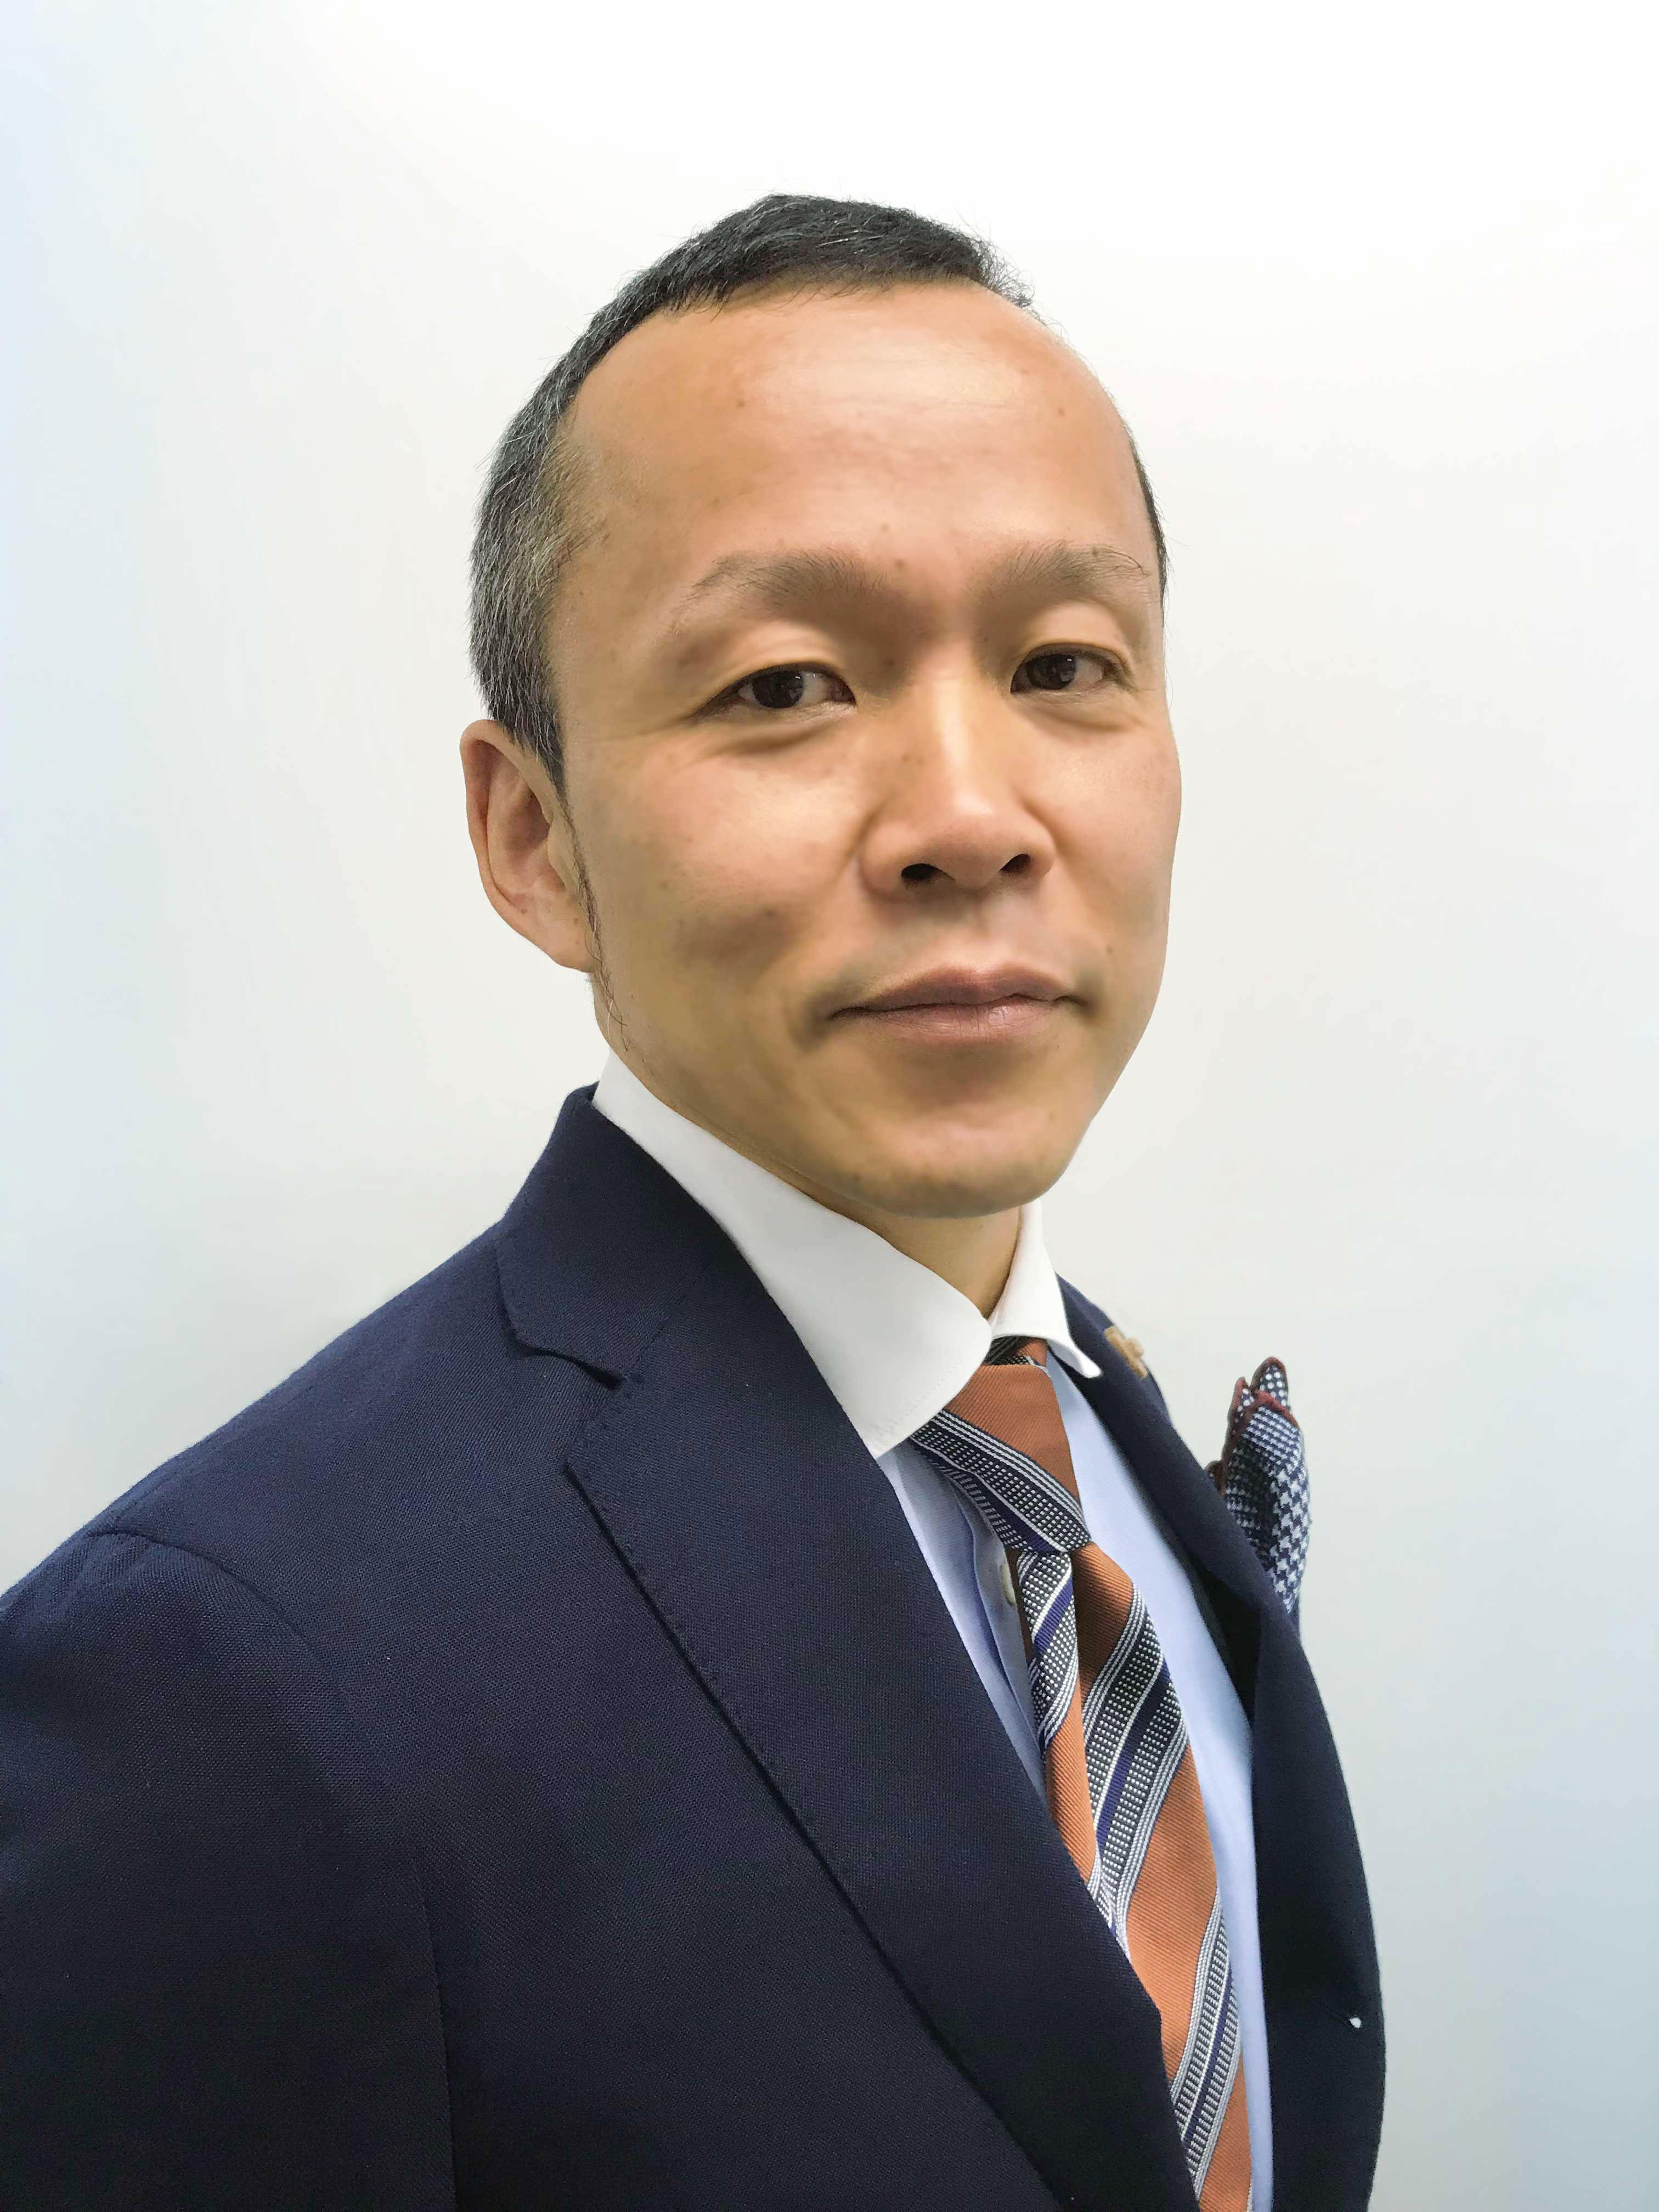 代表取締役 野倉学の写真